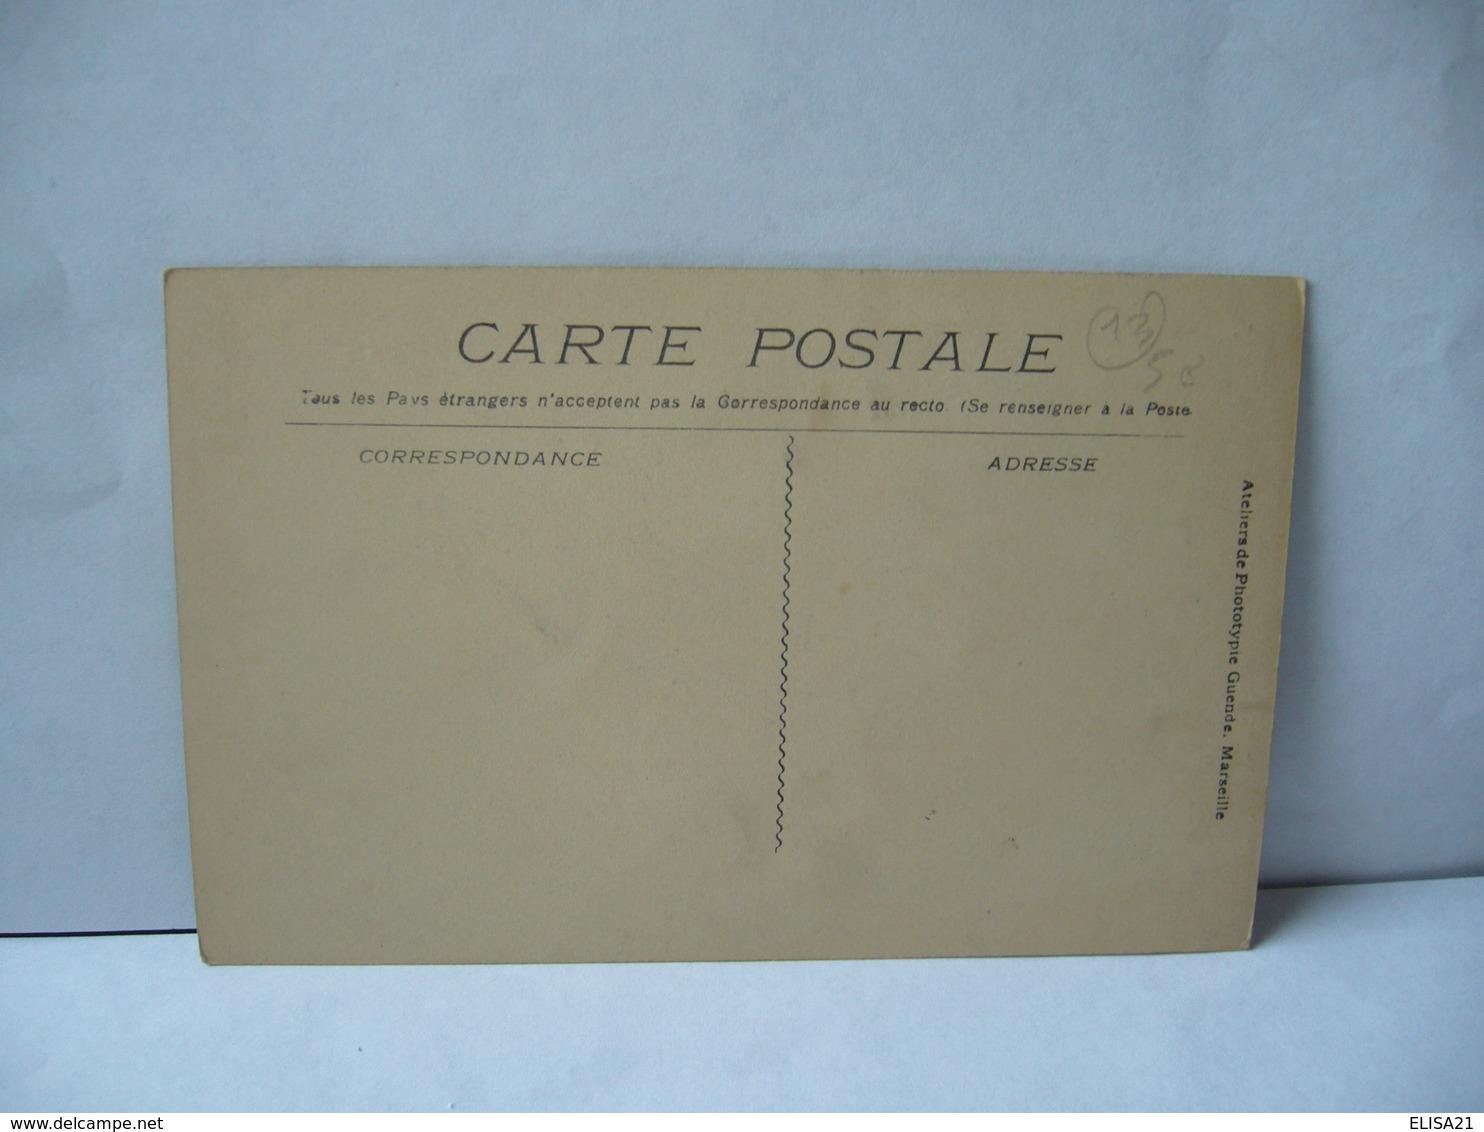 815. LA CIOTAT 13 BOUCHES DU RHONE QUAI LOUIS BENET CPA Atelier De Phototypie Guende Marseille - La Ciotat